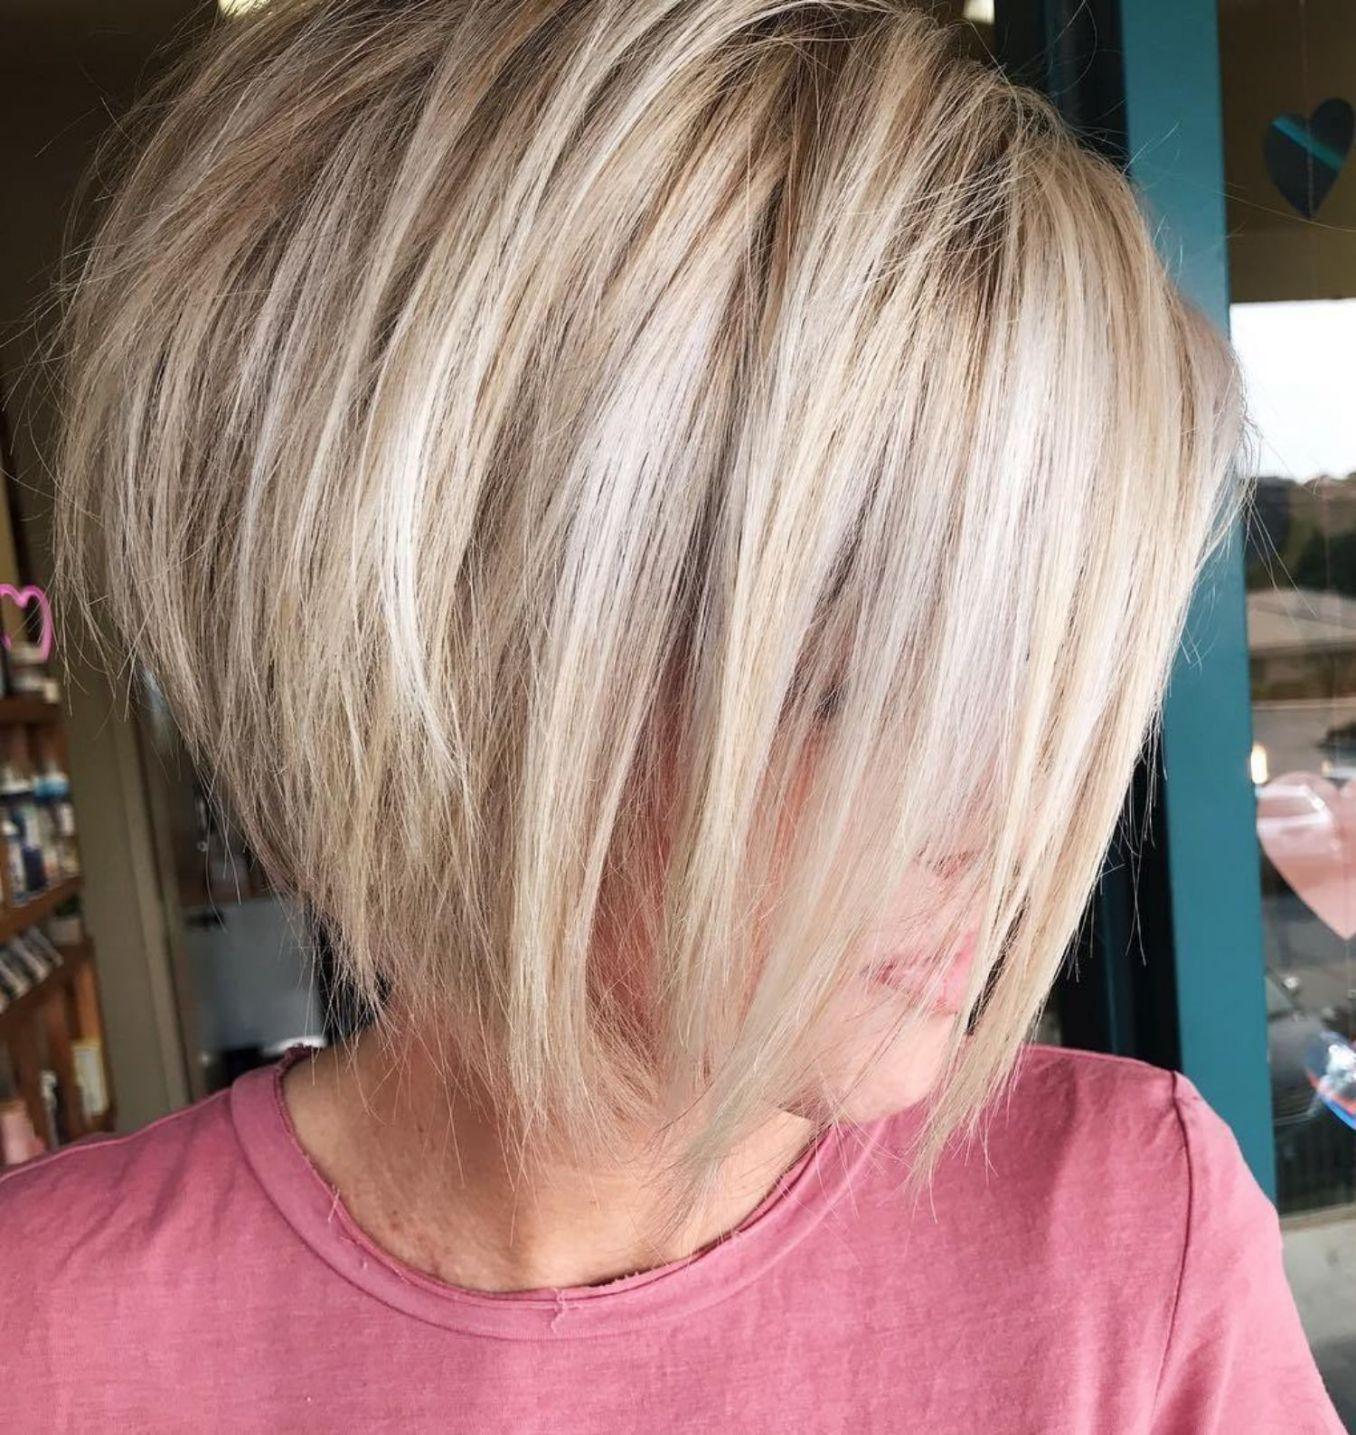 70 Fabulous Choppy Bob Hairstyles Bob Choppy Choppybobfrisuren Fabulous Hairstyles En 2020 Cheveux Courts Coupe De Cheveux Cheveux Blonds Mi Longs